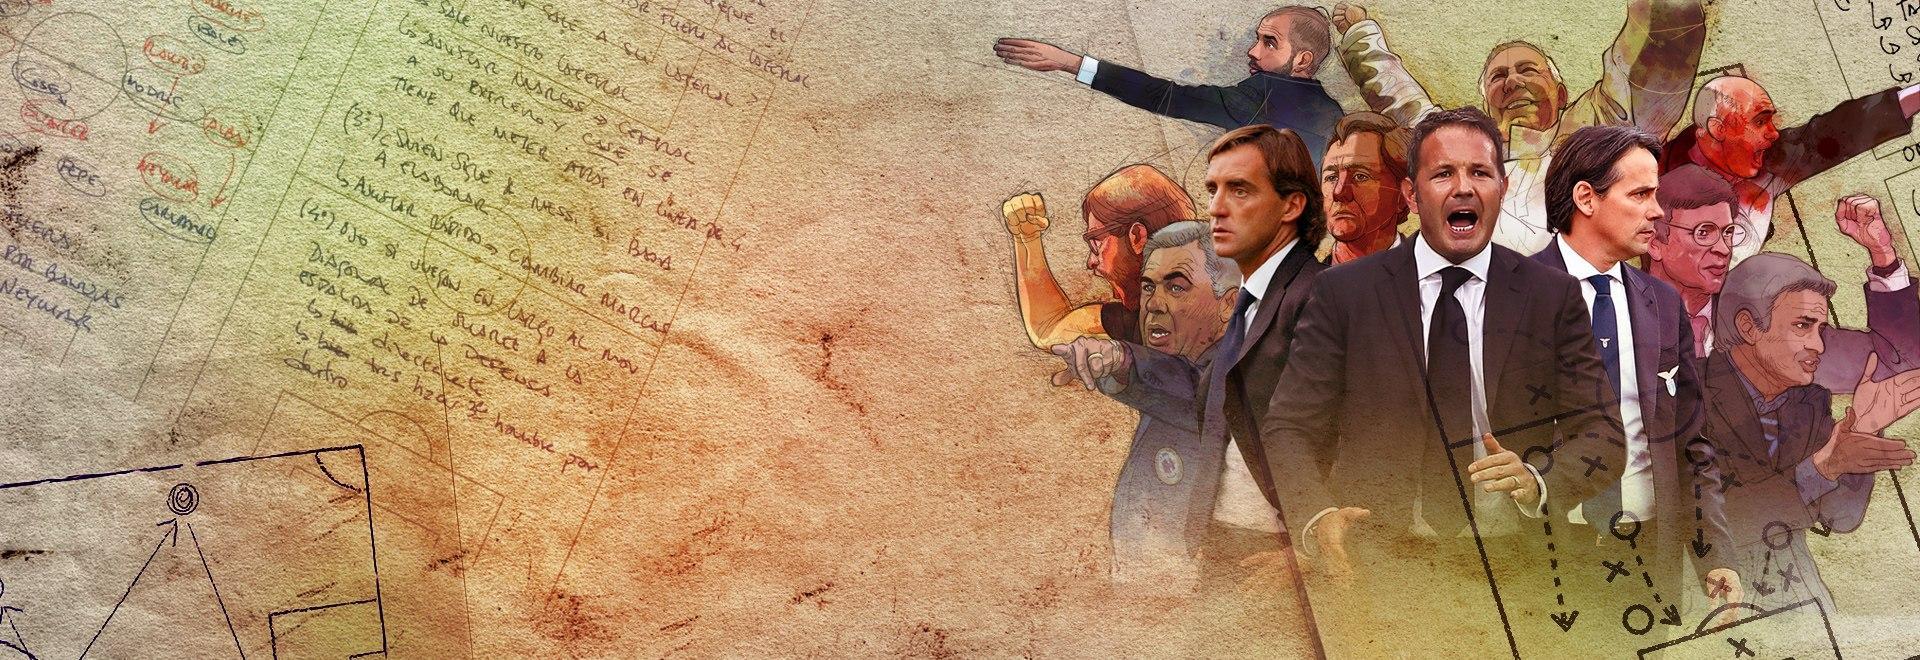 Gli allenatori si raccontano - Speciale Lazio